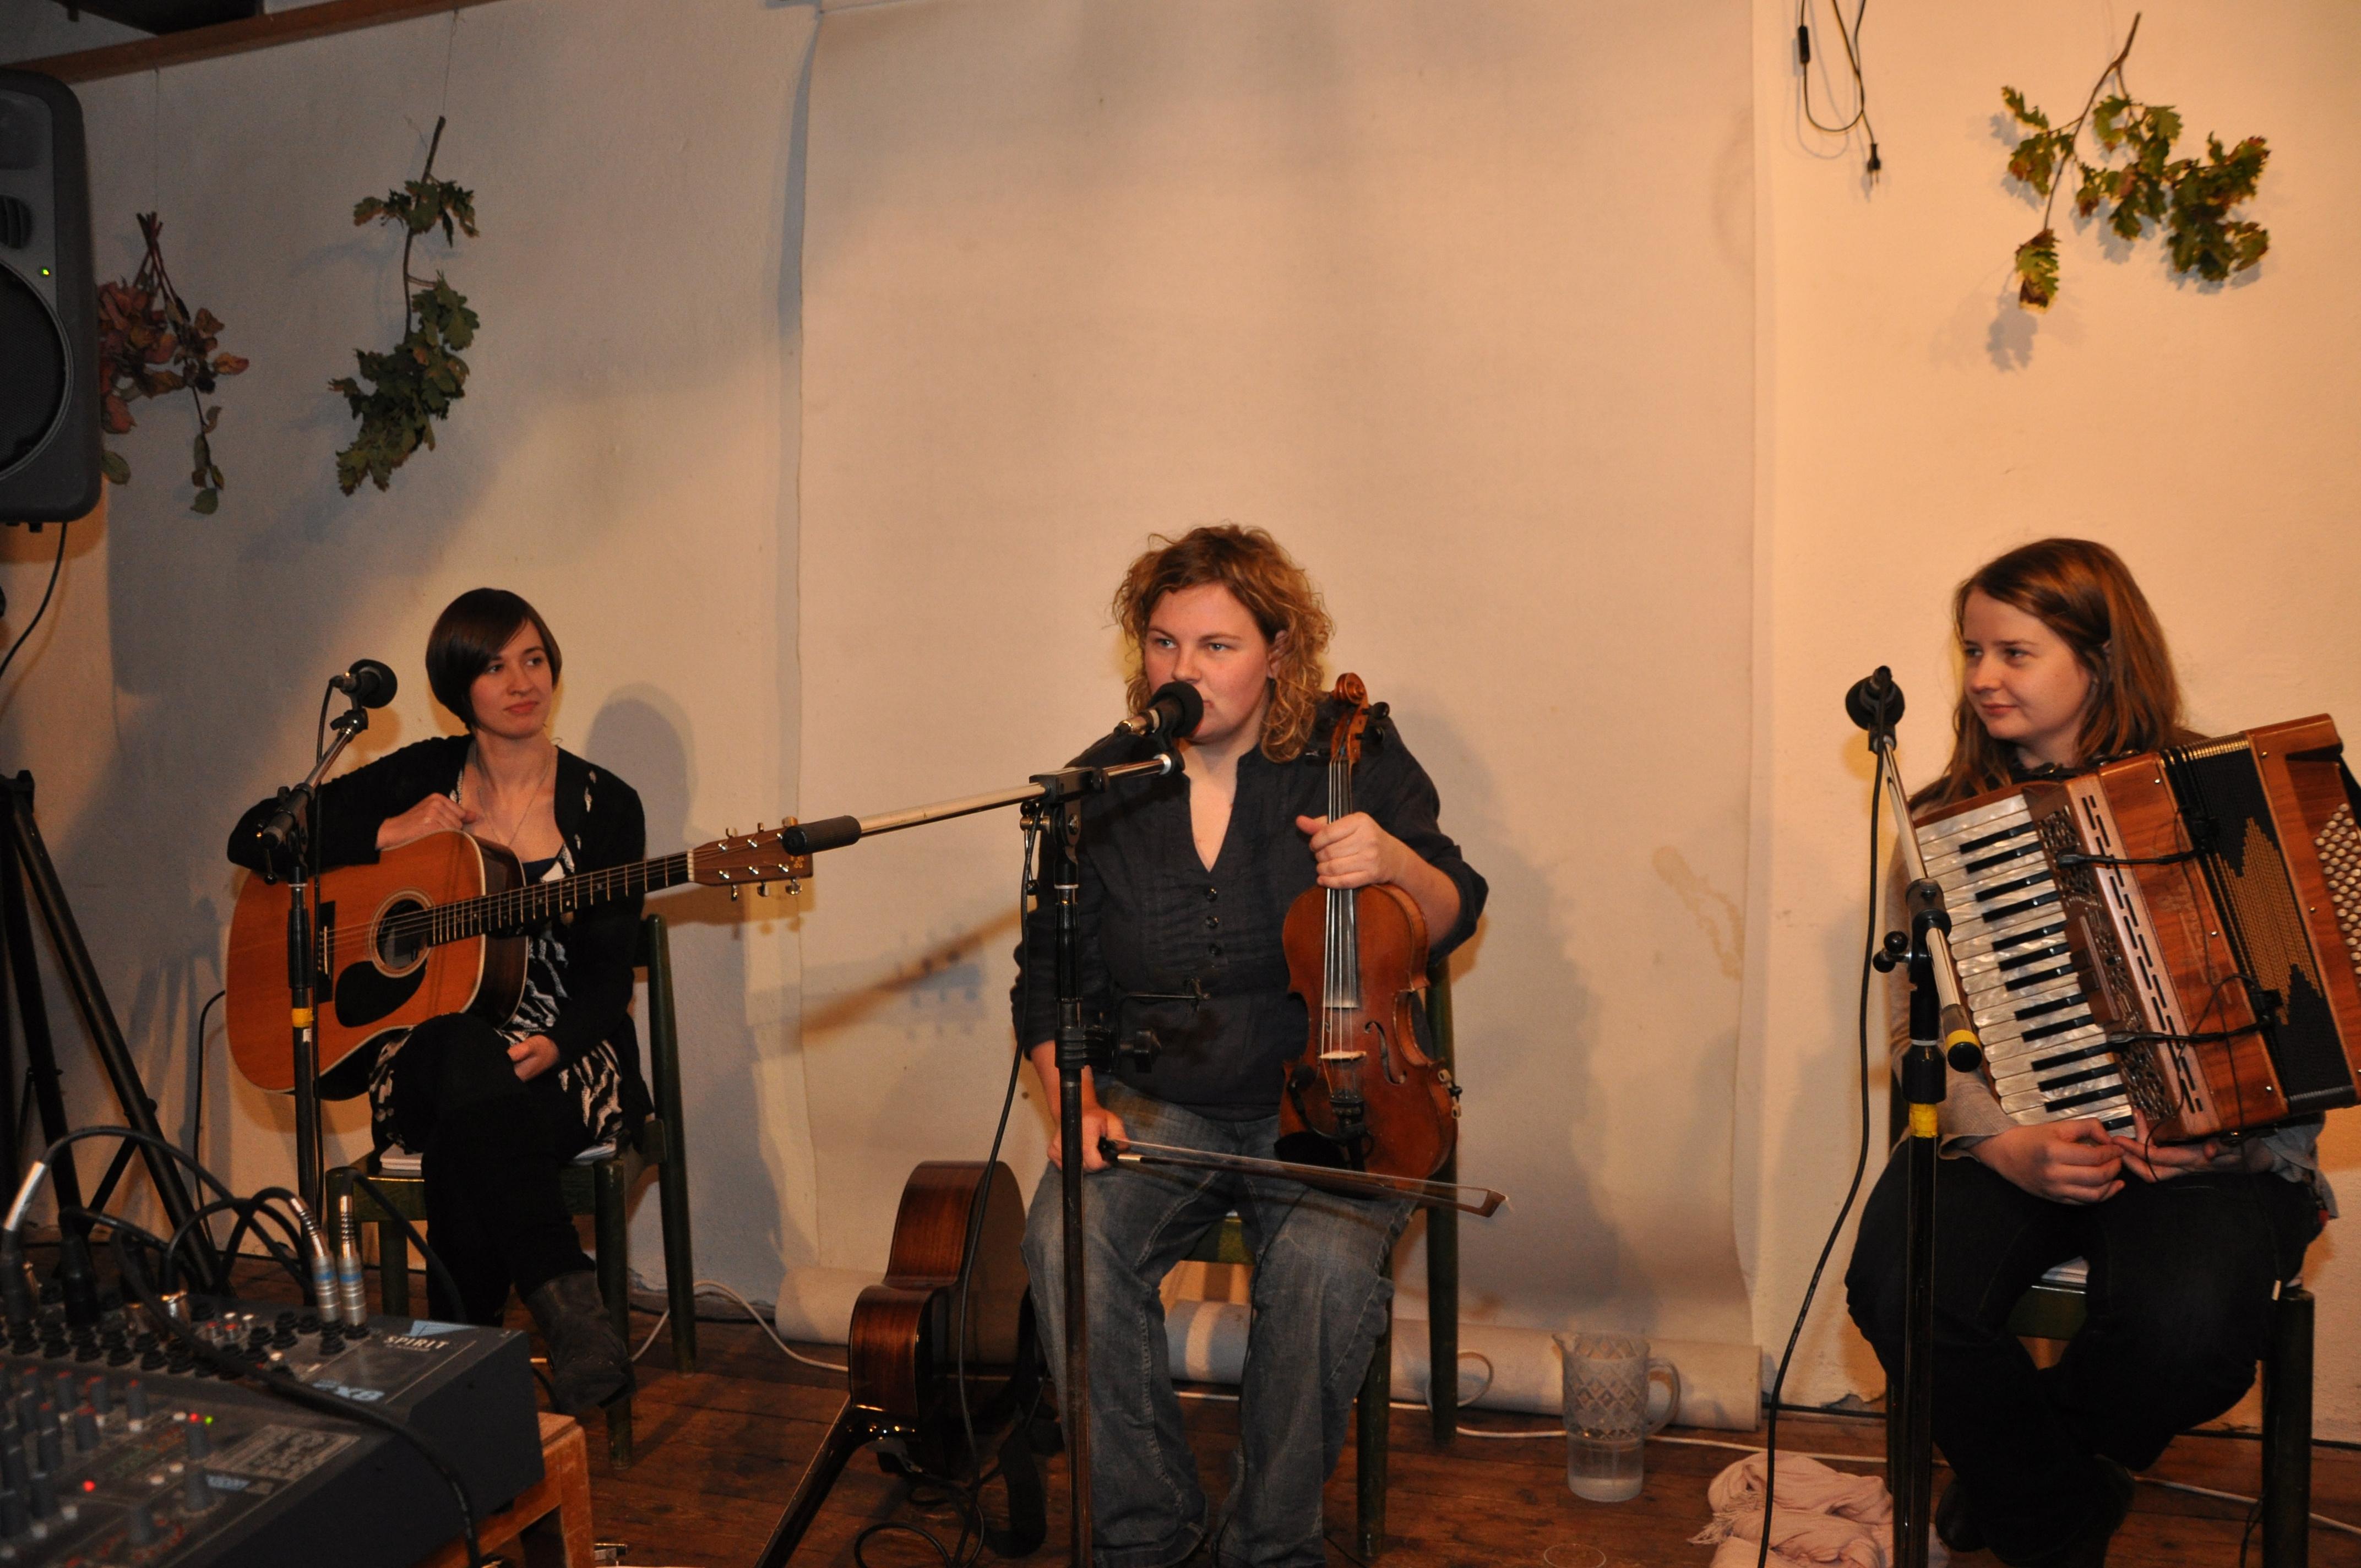 2009-10-17 Anna Massie Band